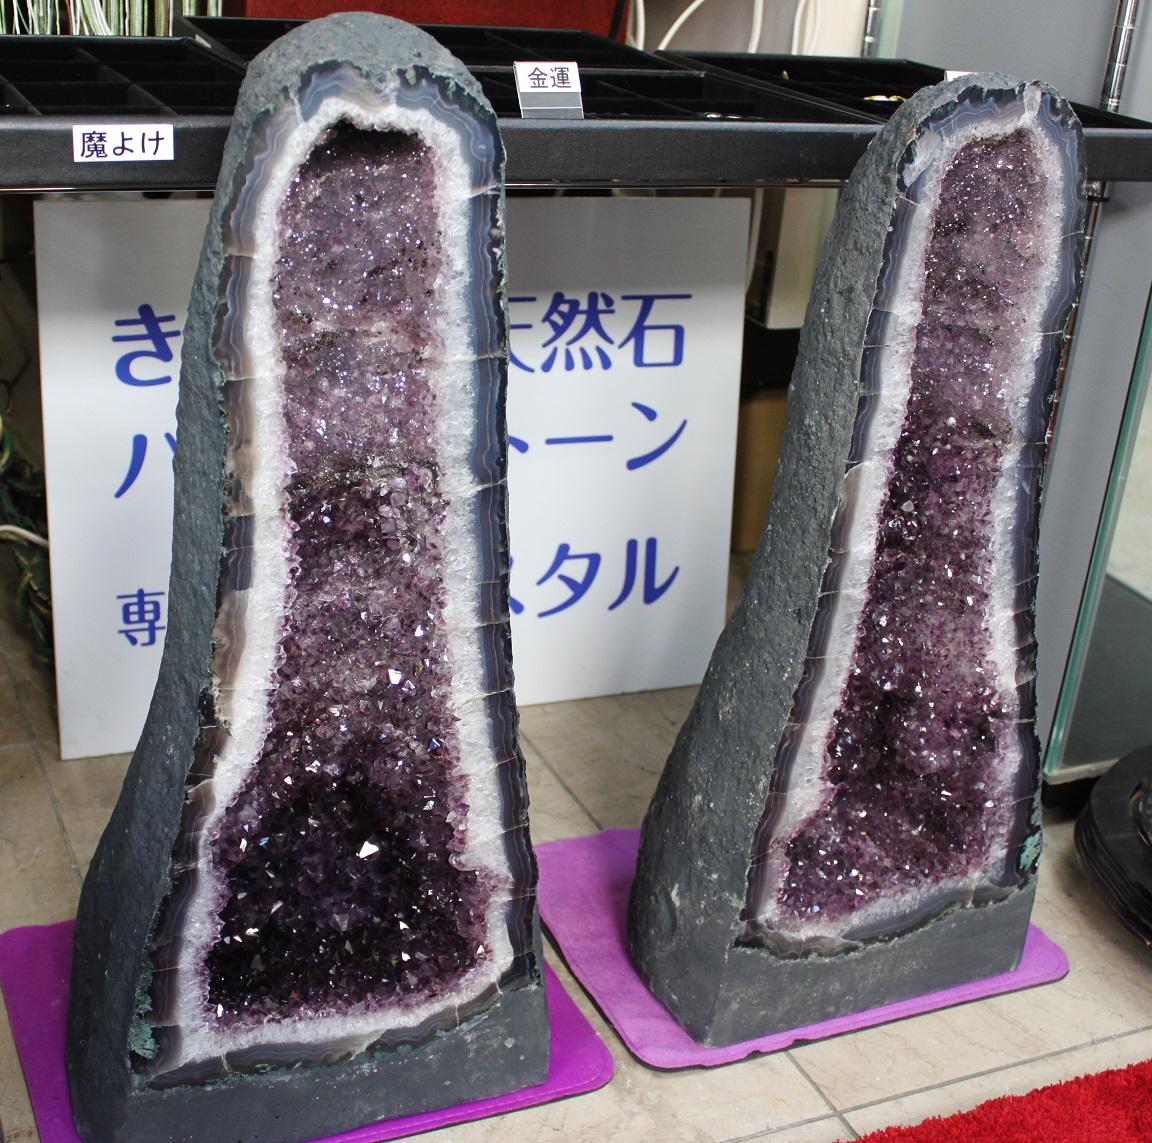 ペア アメジストドーム 66.8kg